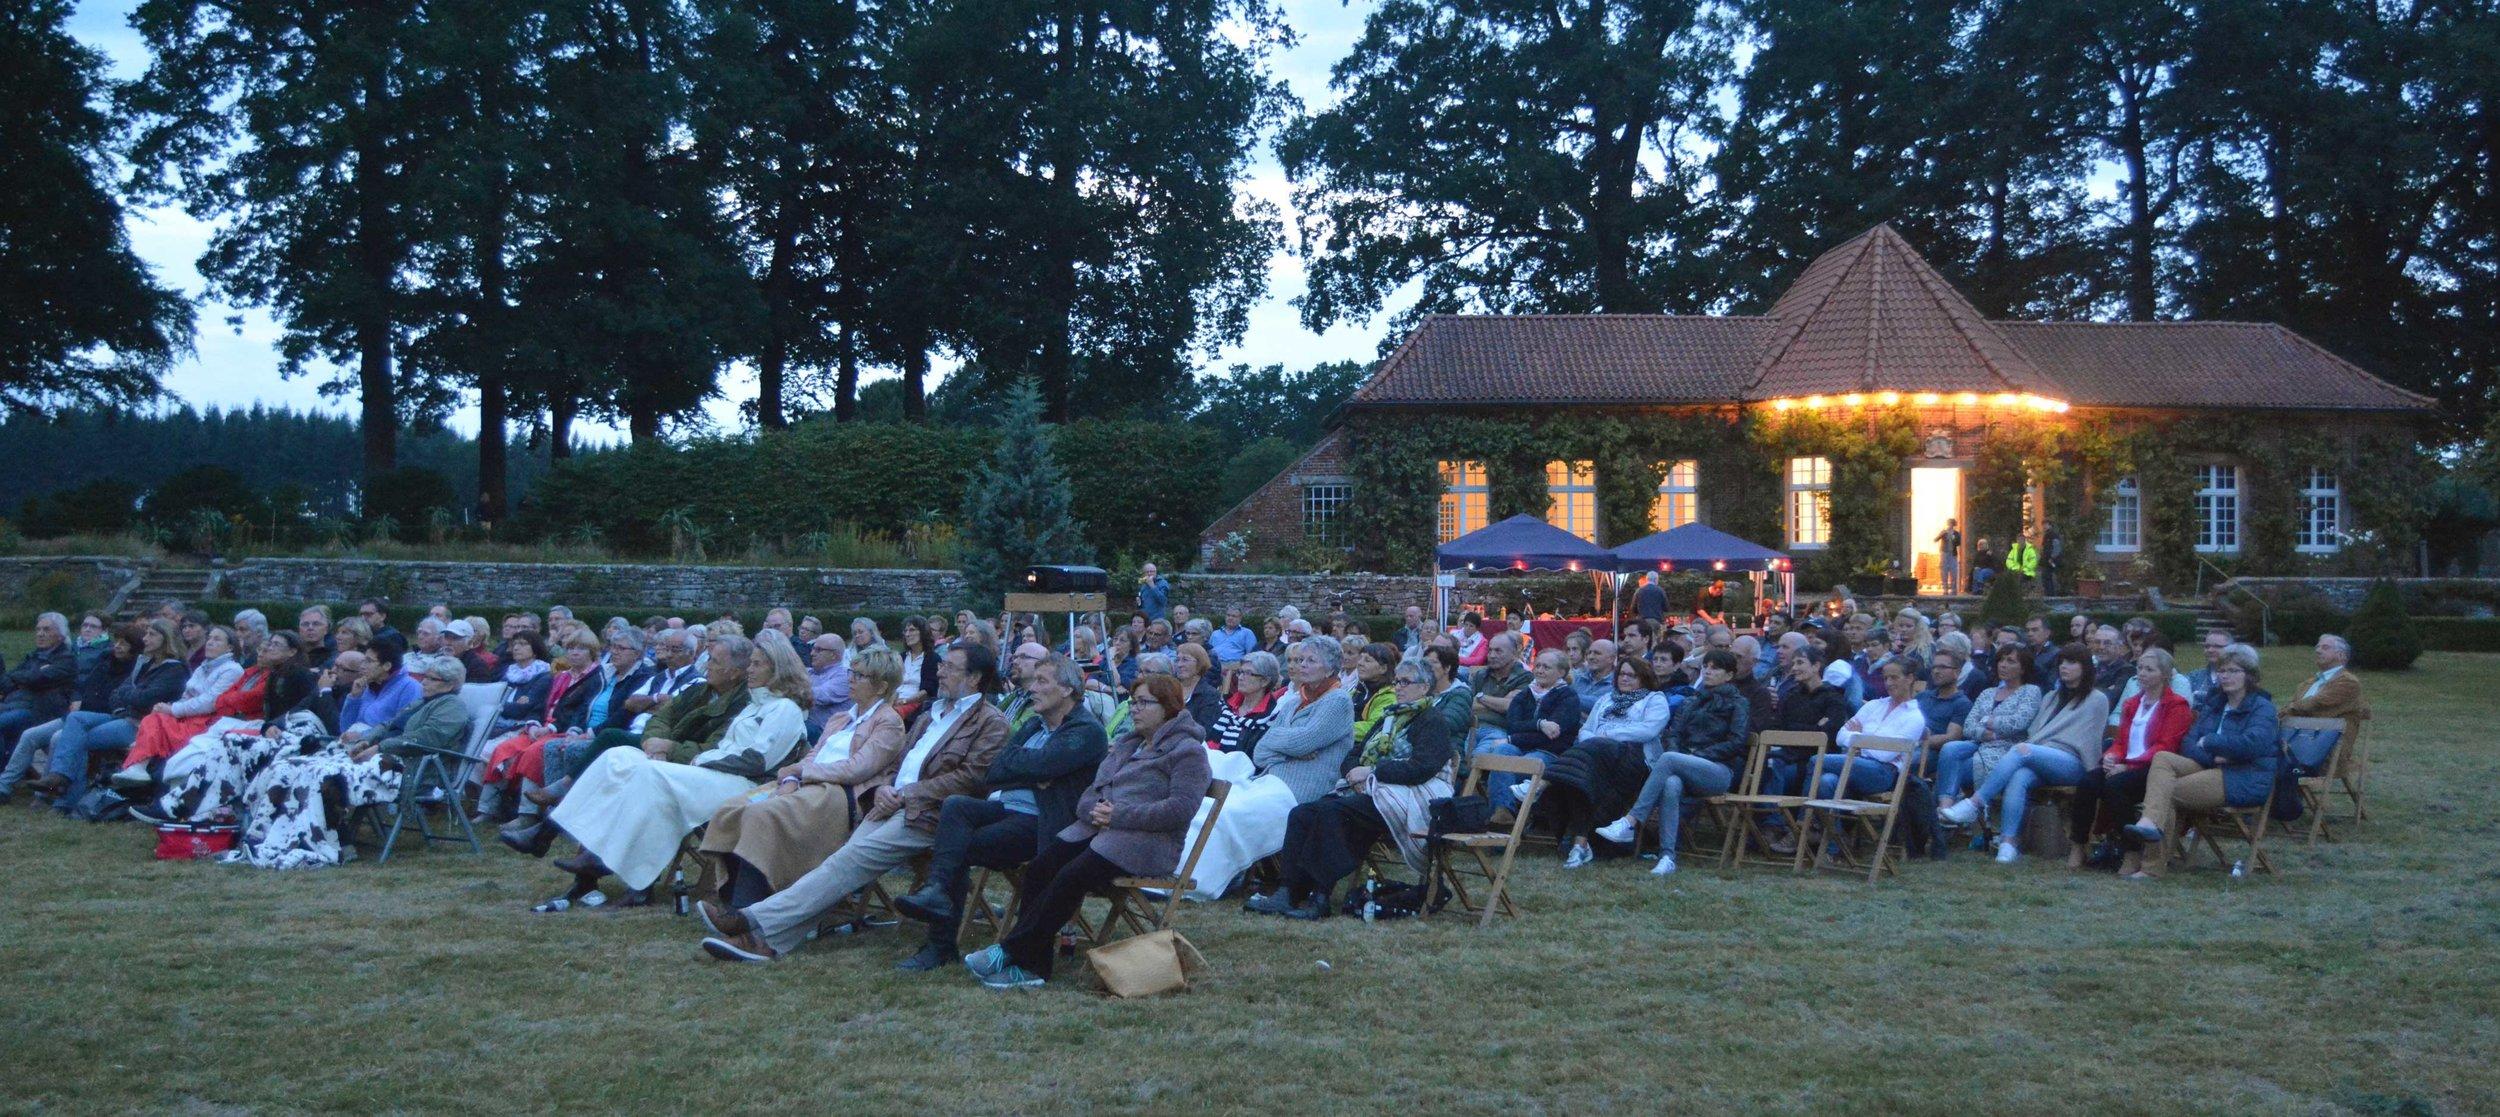 Vor der Kulisse der Orangerie verfolgten die Besucher den Film